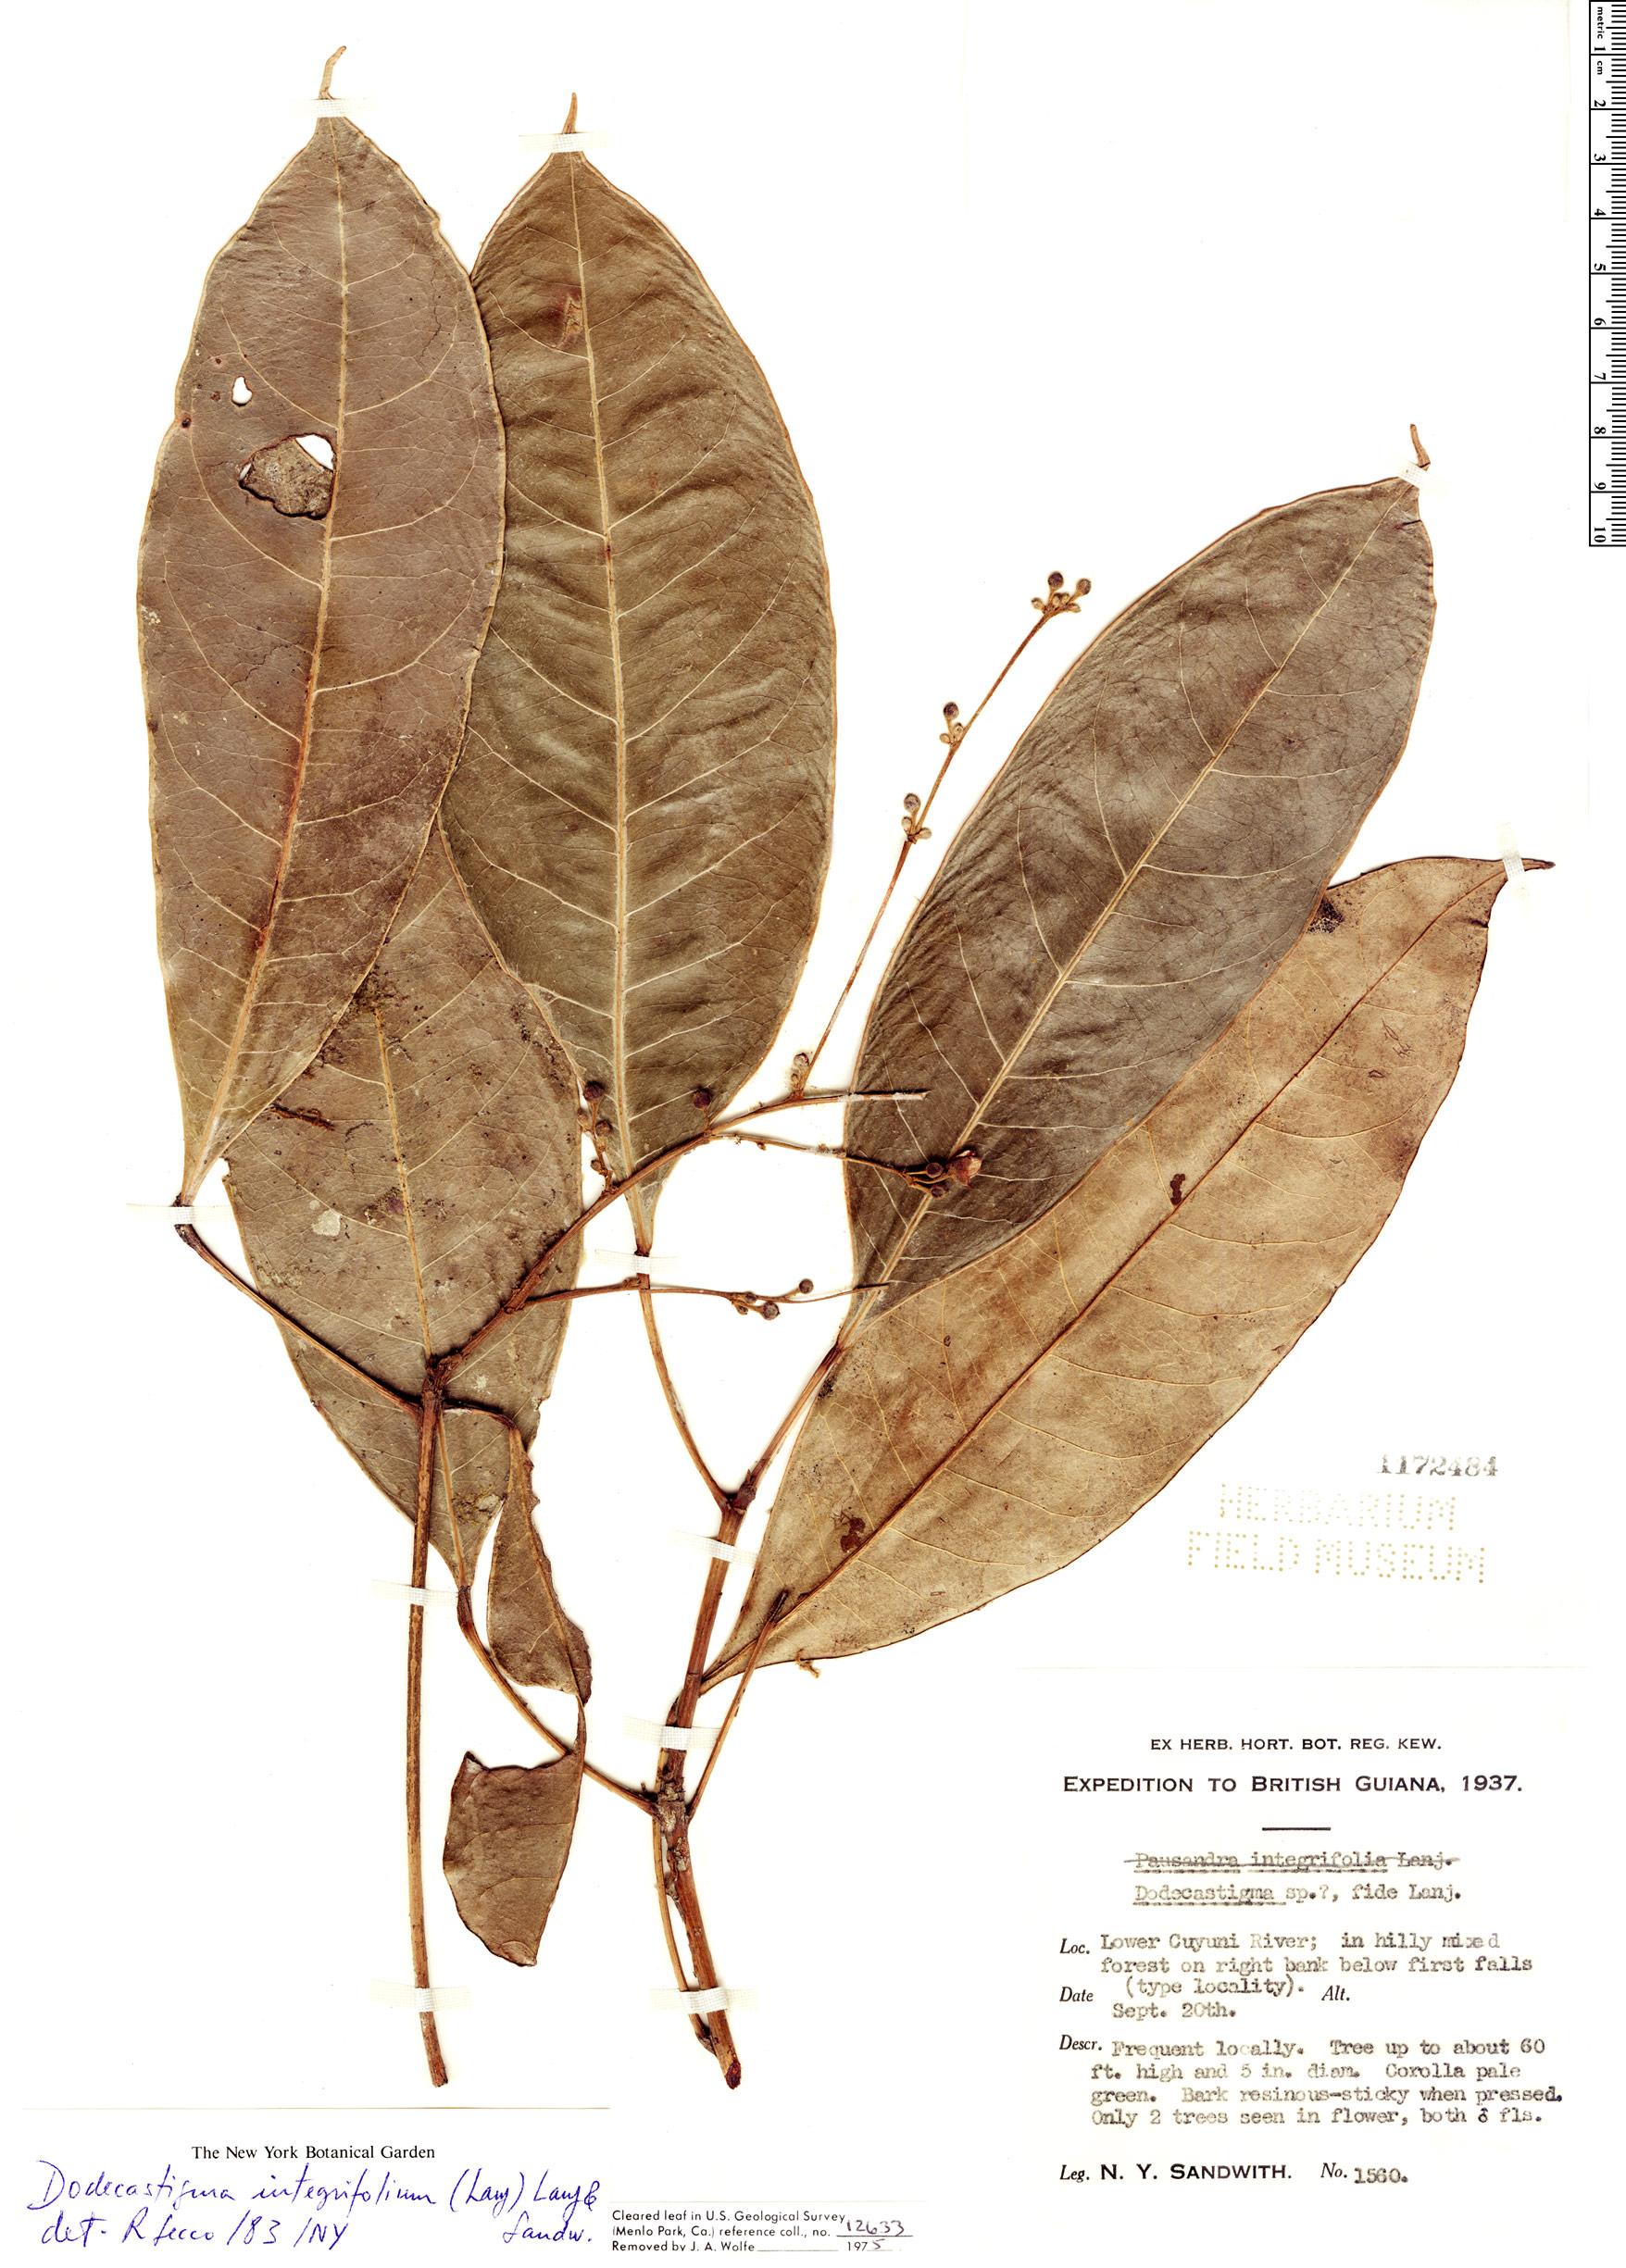 Specimen: Dodecastigma integrifolium